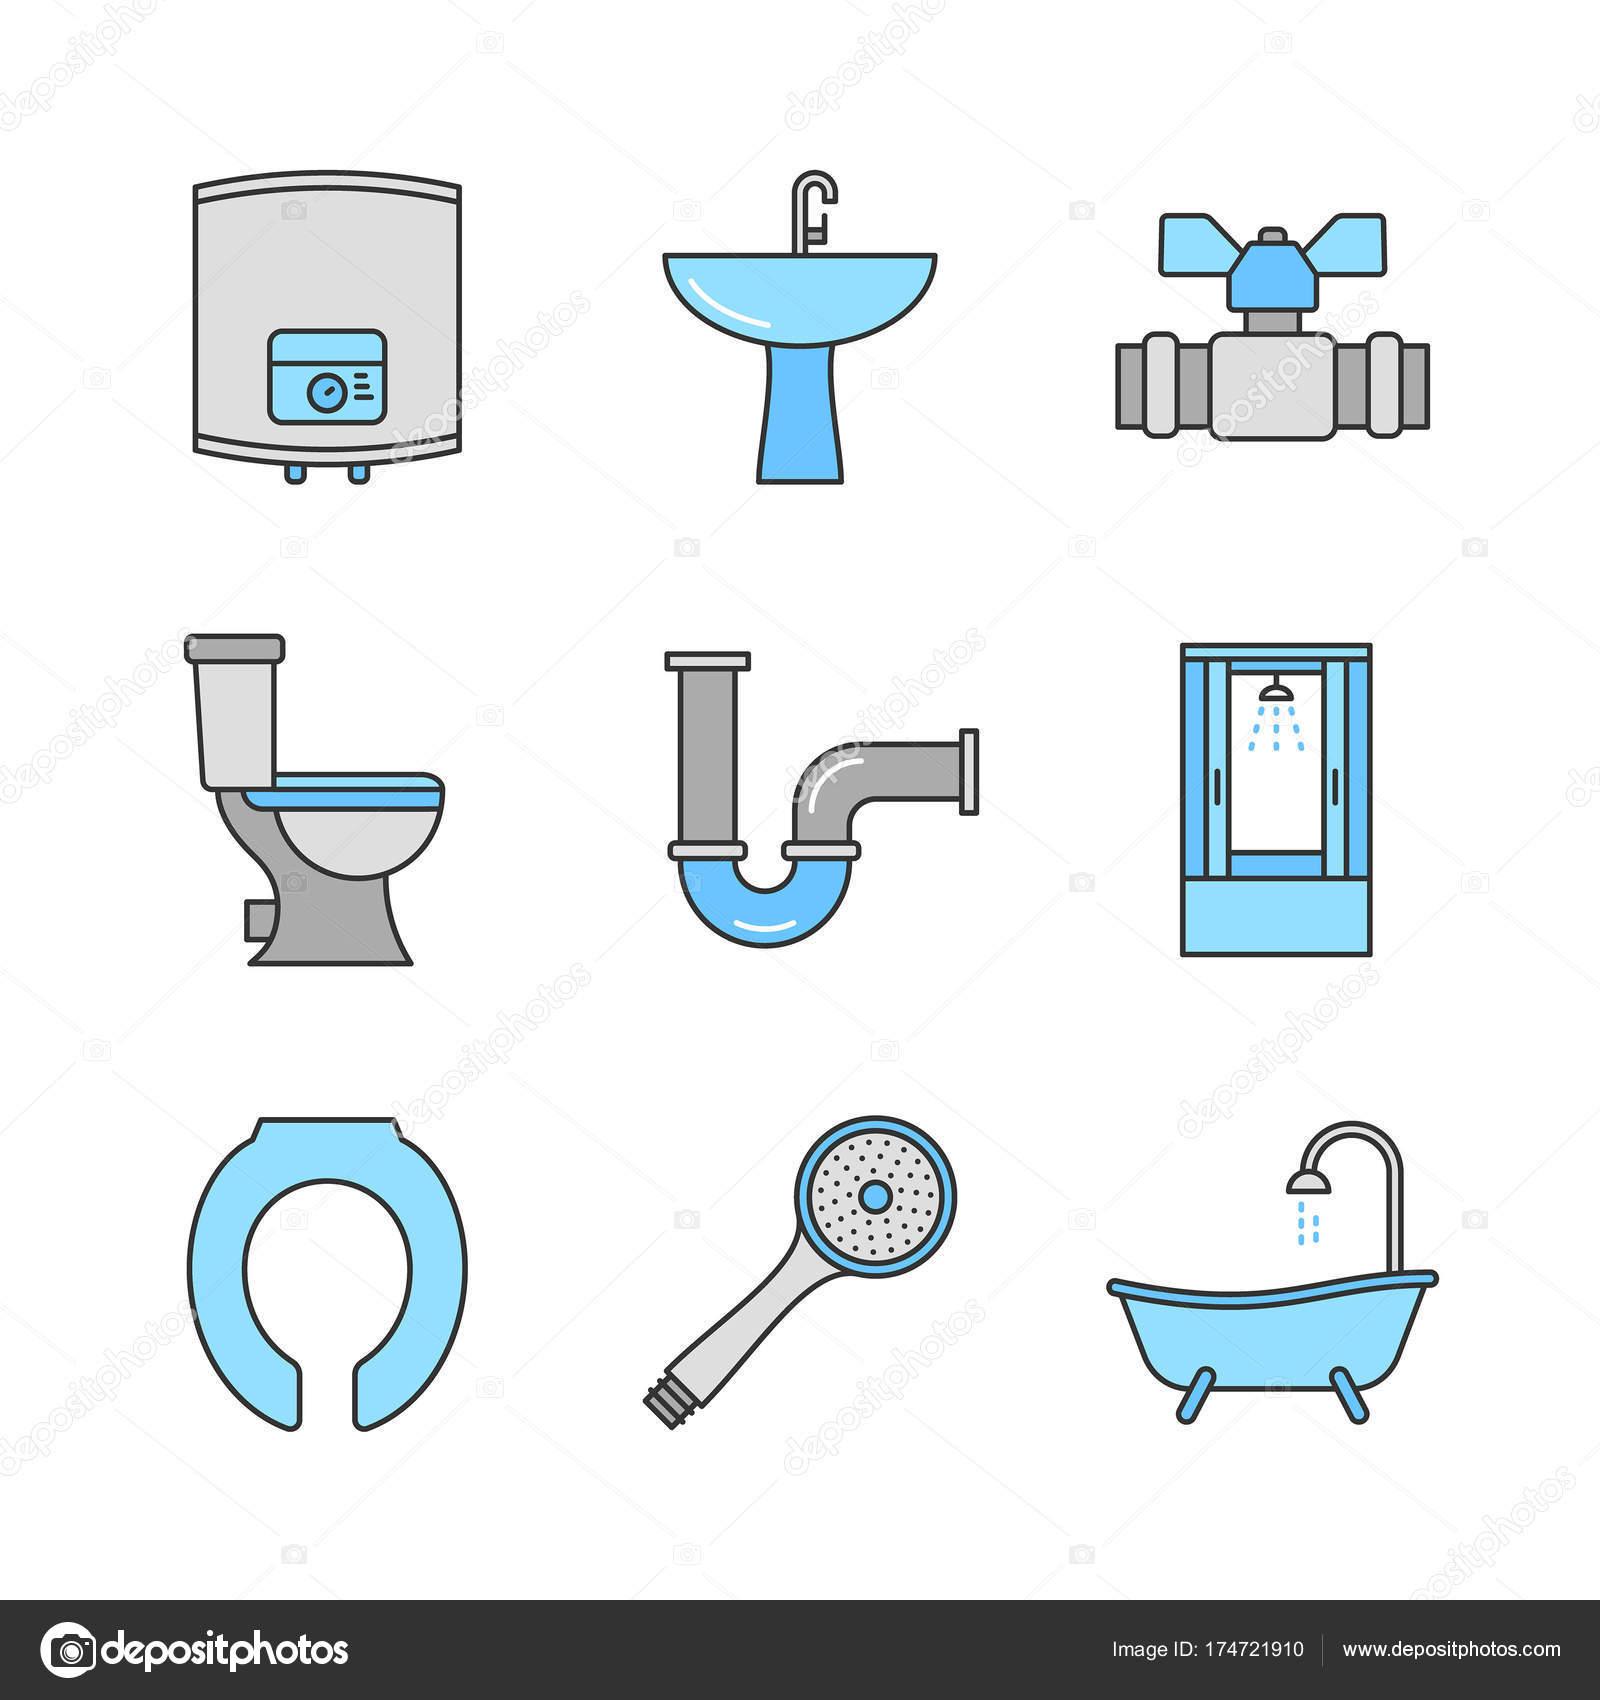 Waschbecken clipart  Sanitär Symbole Satz — Stockvektor © bsd #174721910